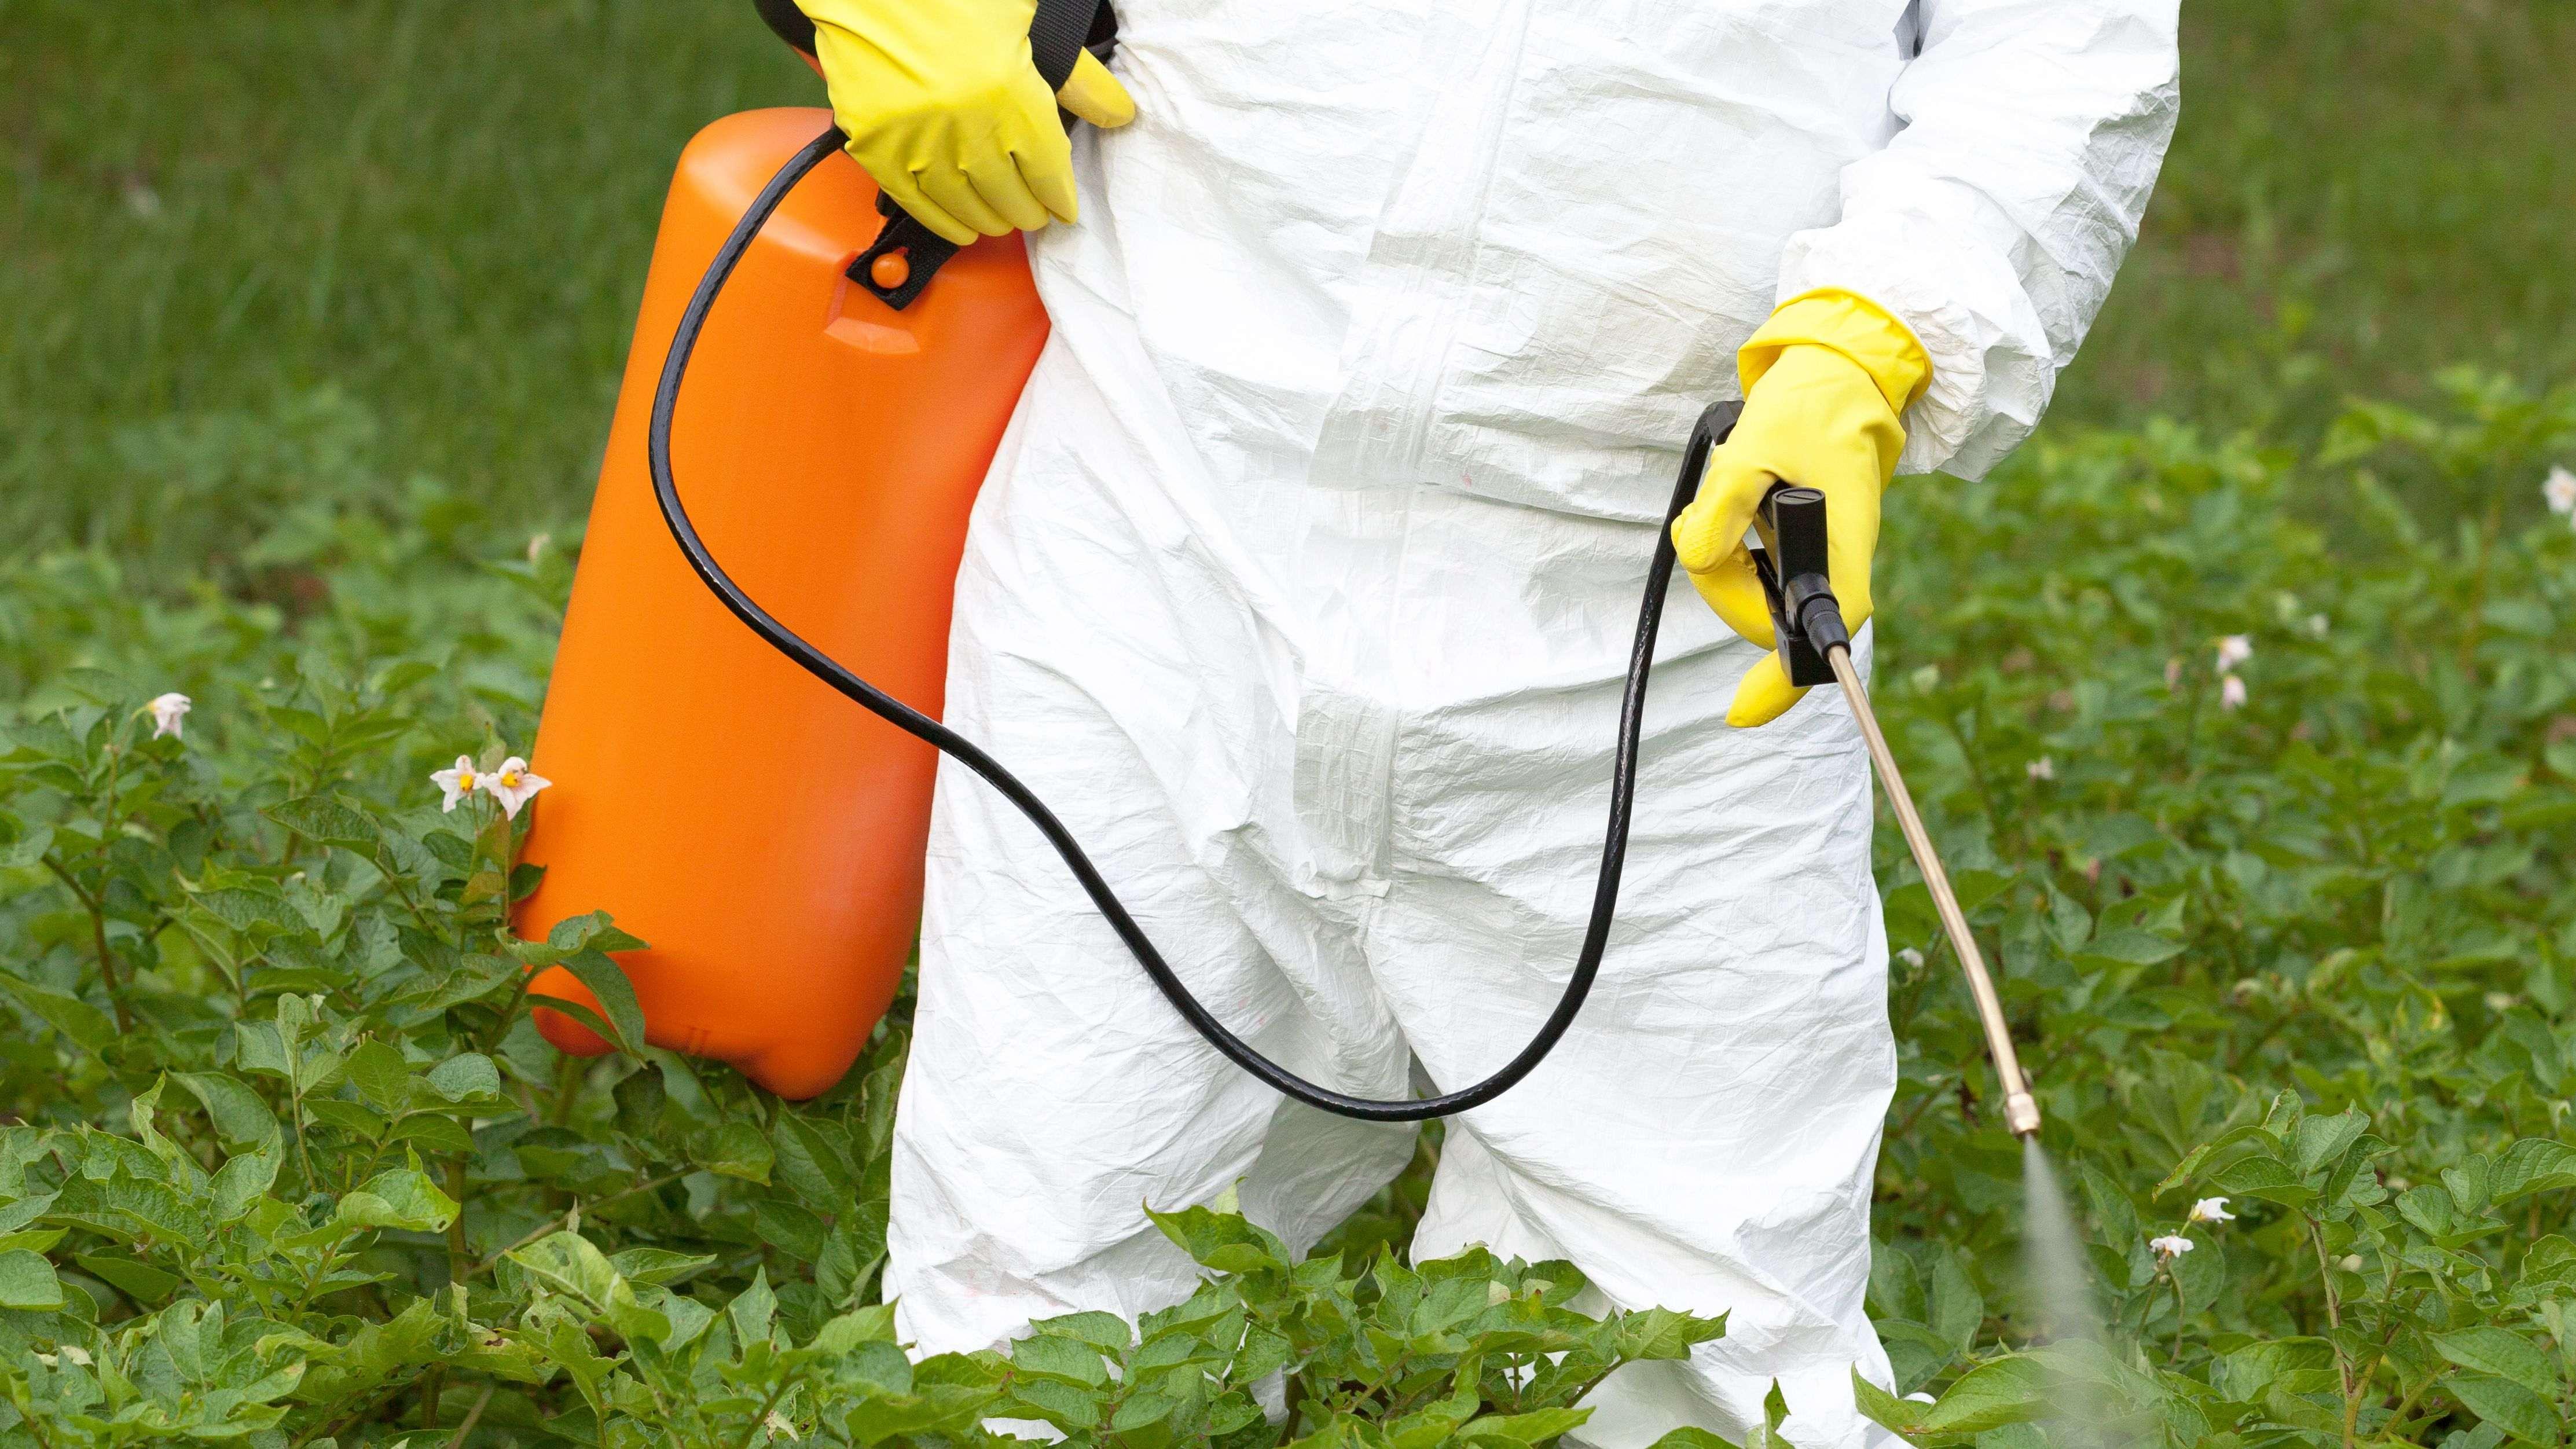 Cómo limpiar un pulverizador